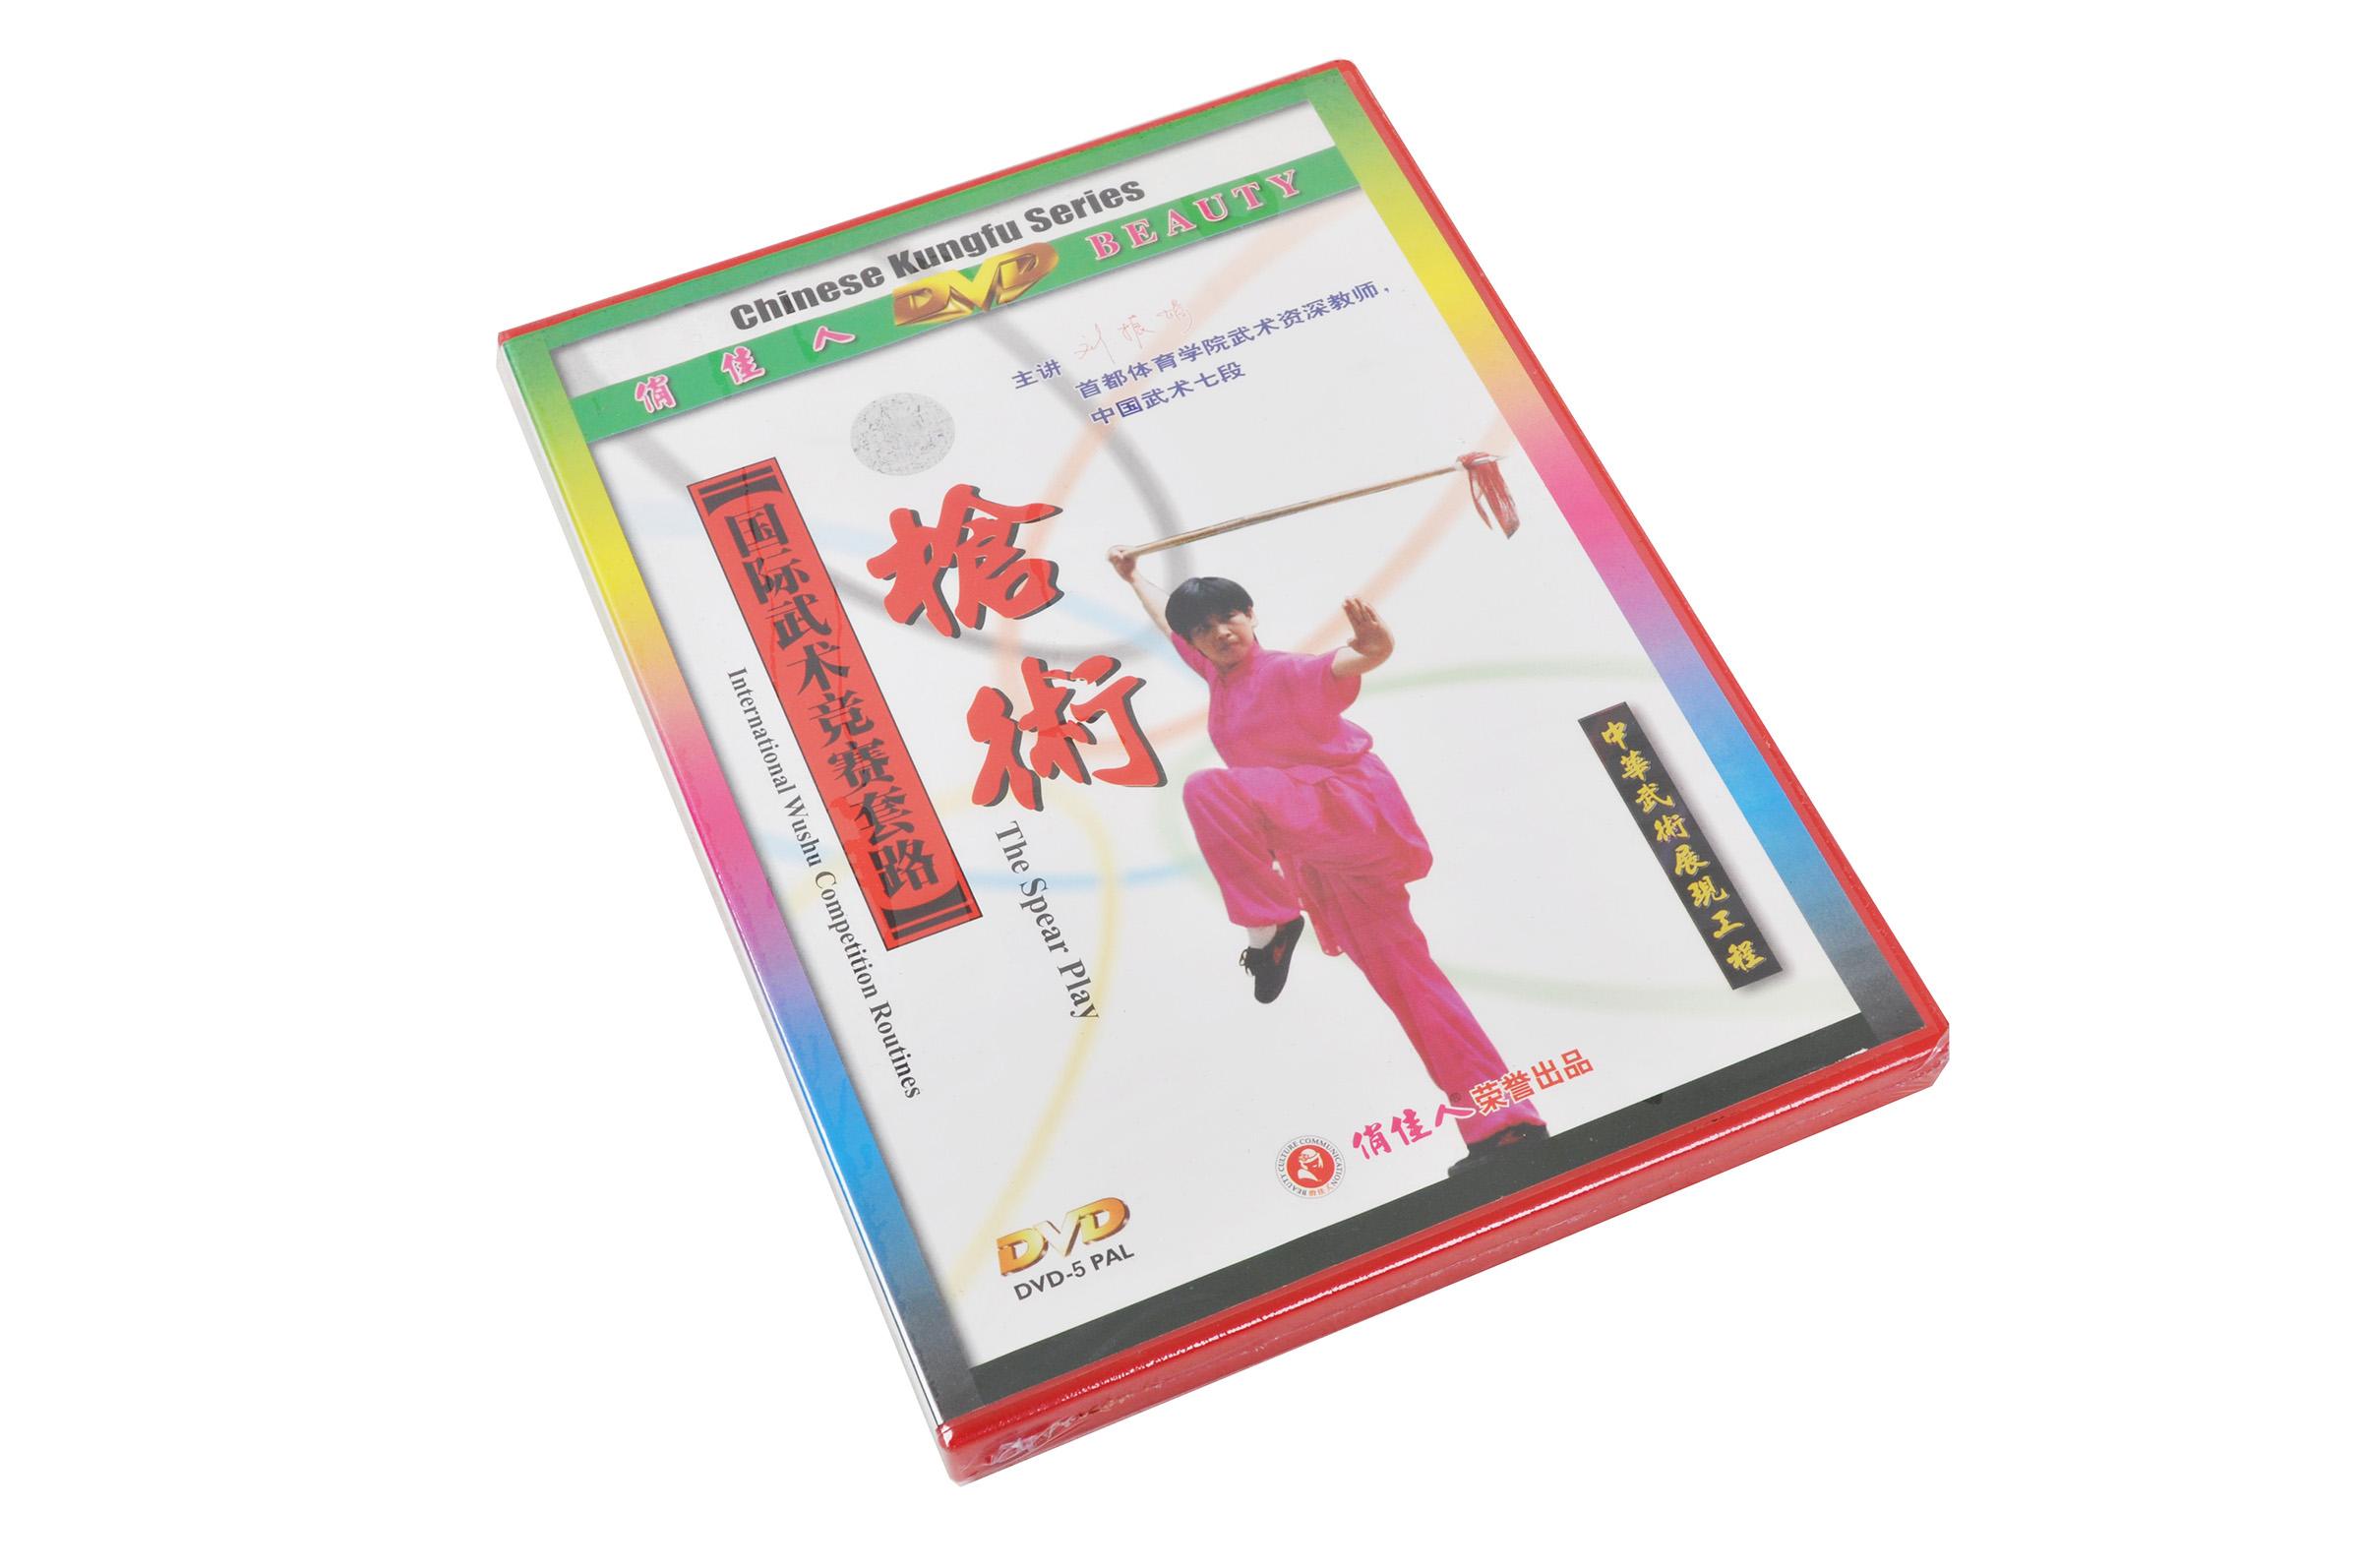 [DVD] Série Compétition Lance (Qiang Shu)